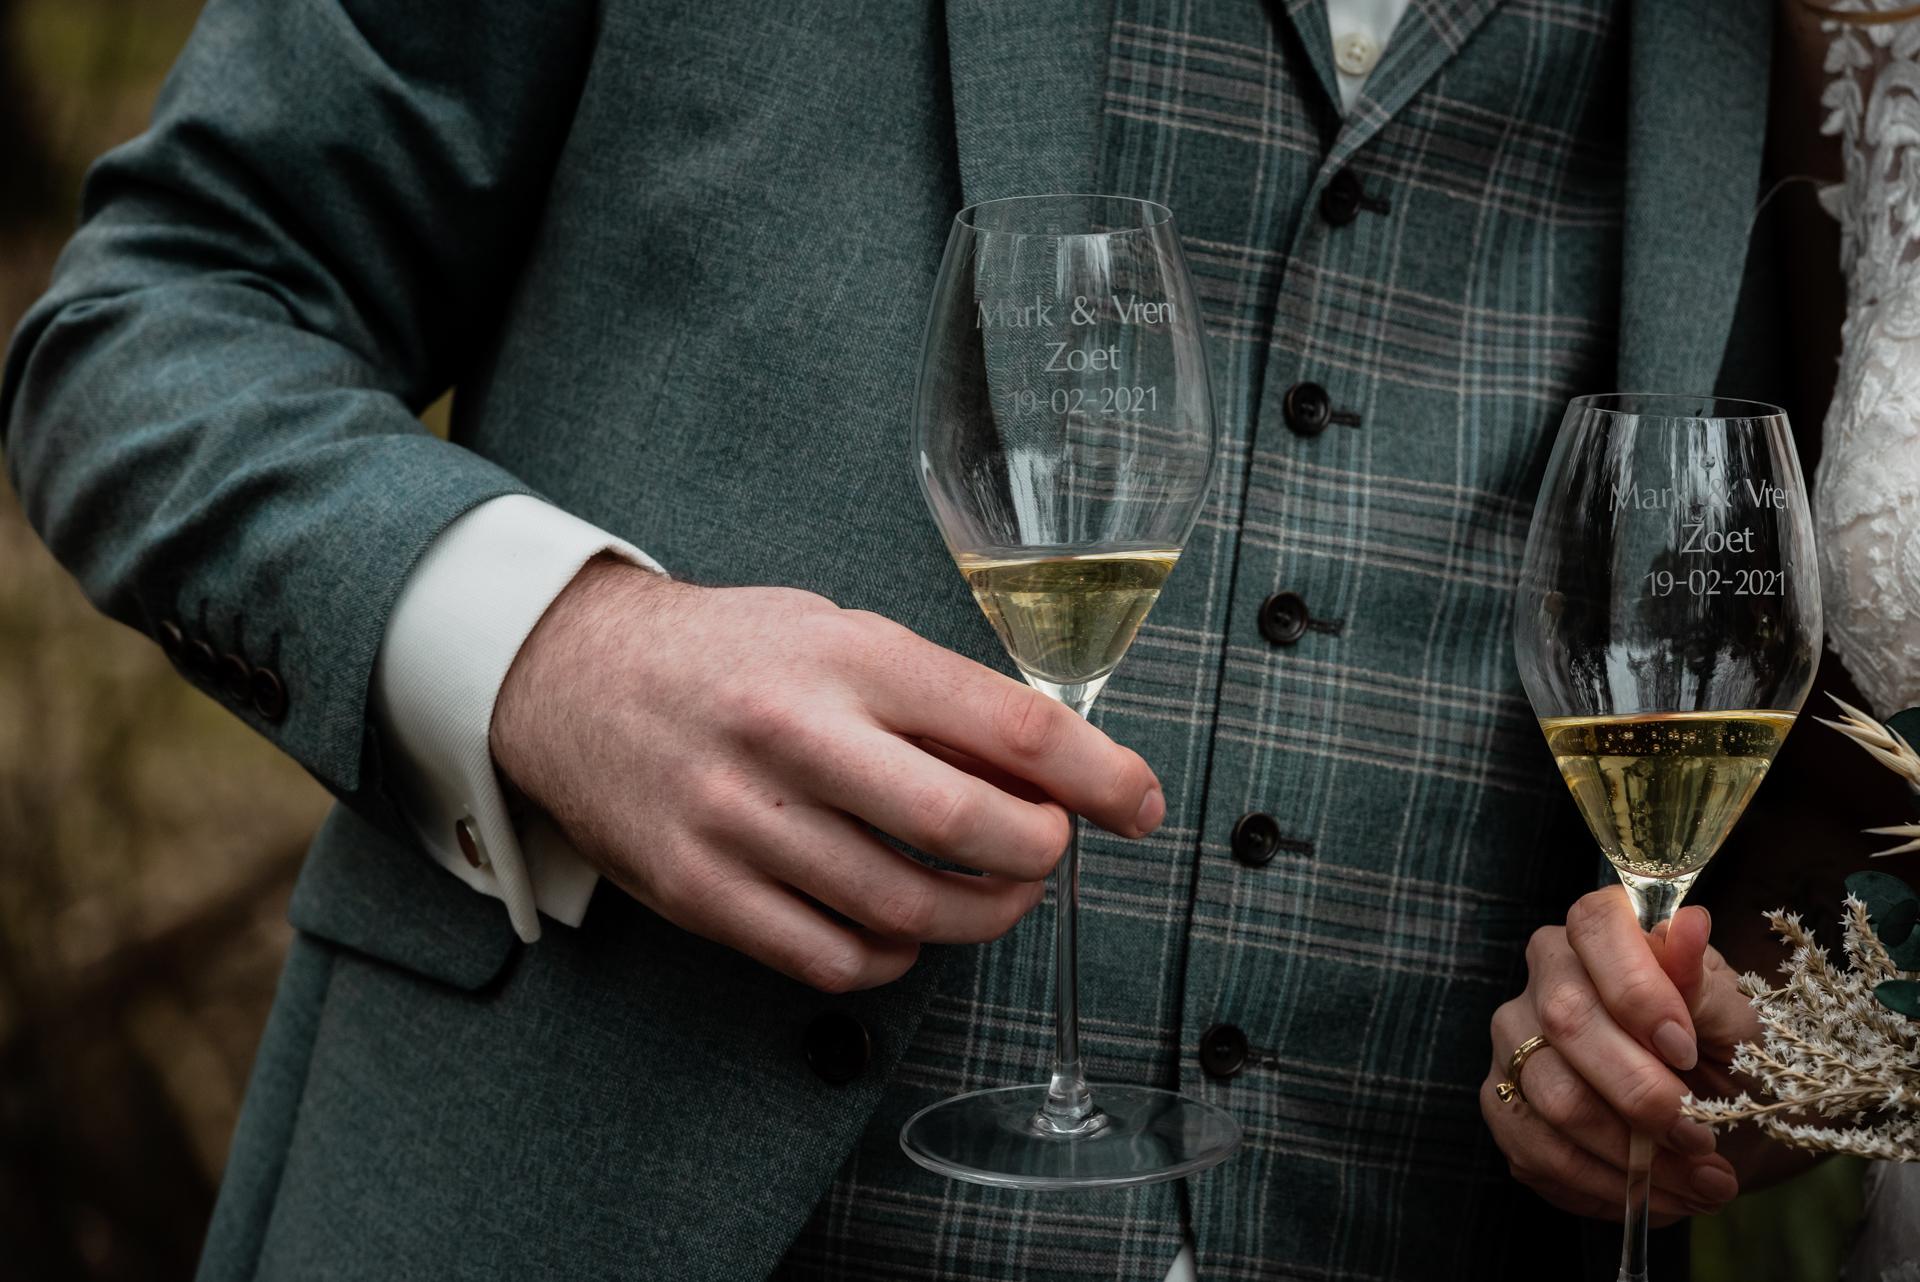 NL de détail de mariage Photo de Strokerbos, Harderwijk | Les mariés montrent la paire de lunettes magnifiquement gravées